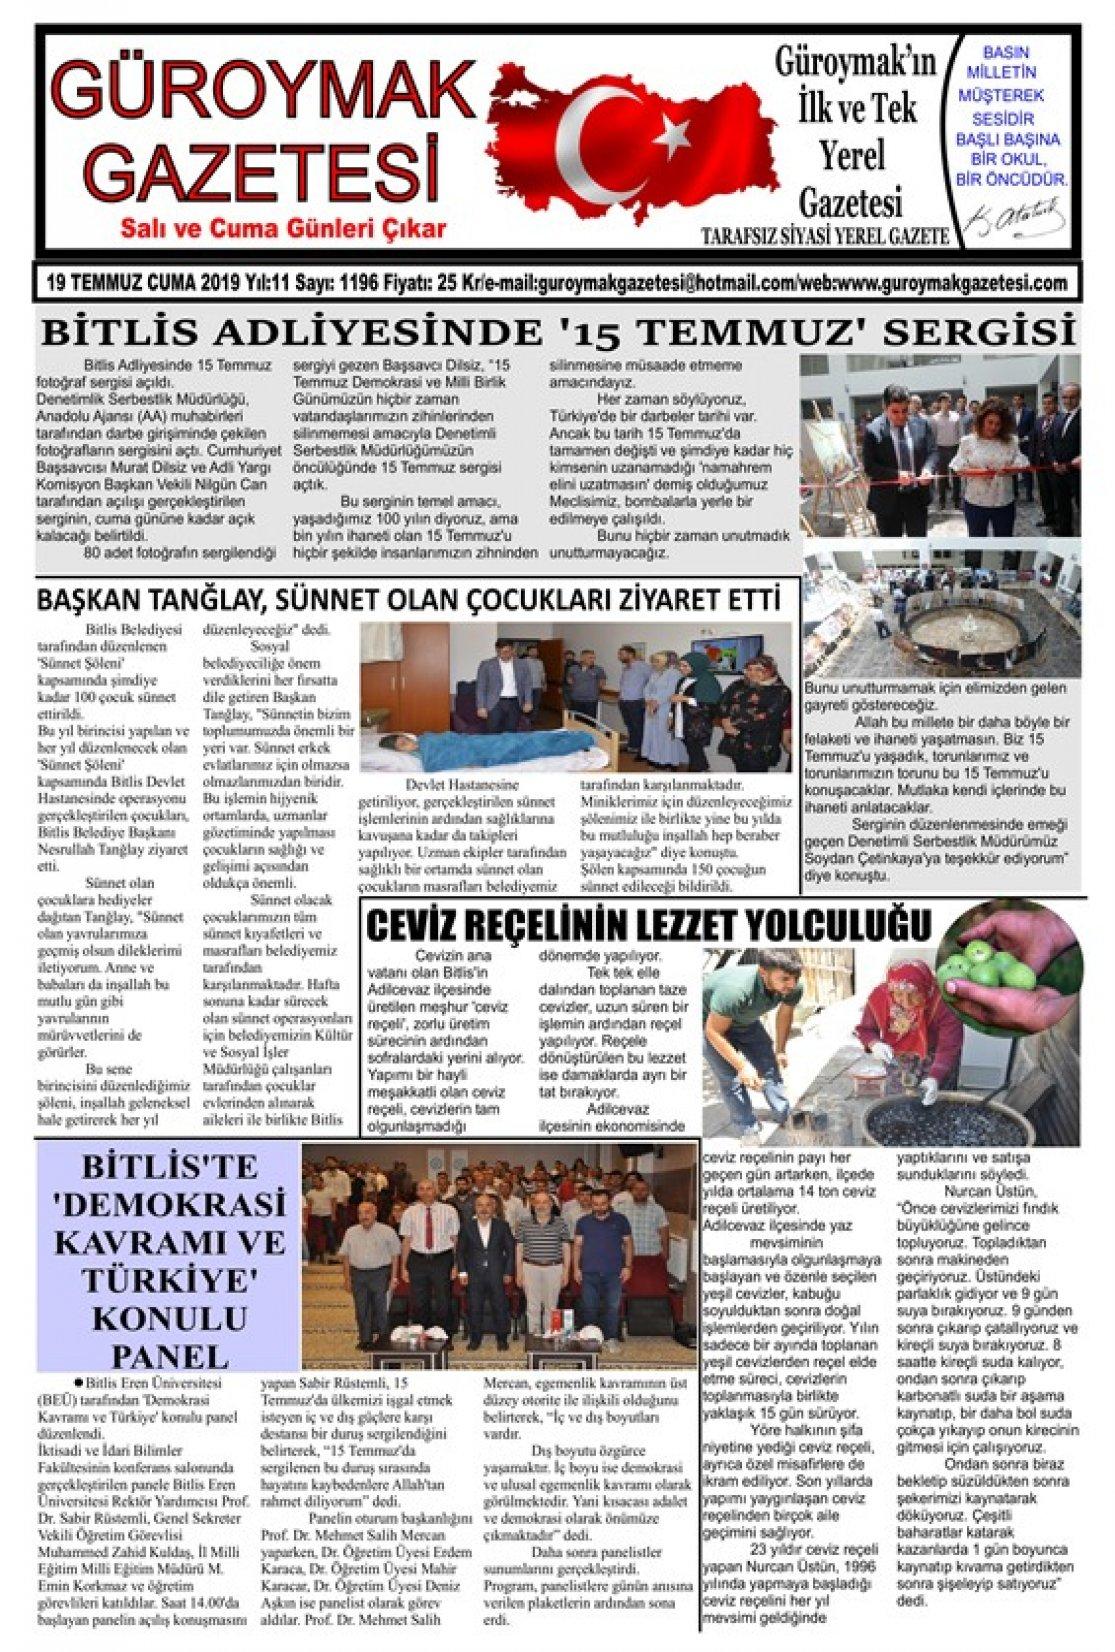 Güroymak Gazetesi 0001_565x800.jpg Sayılı Gazete Küpürü